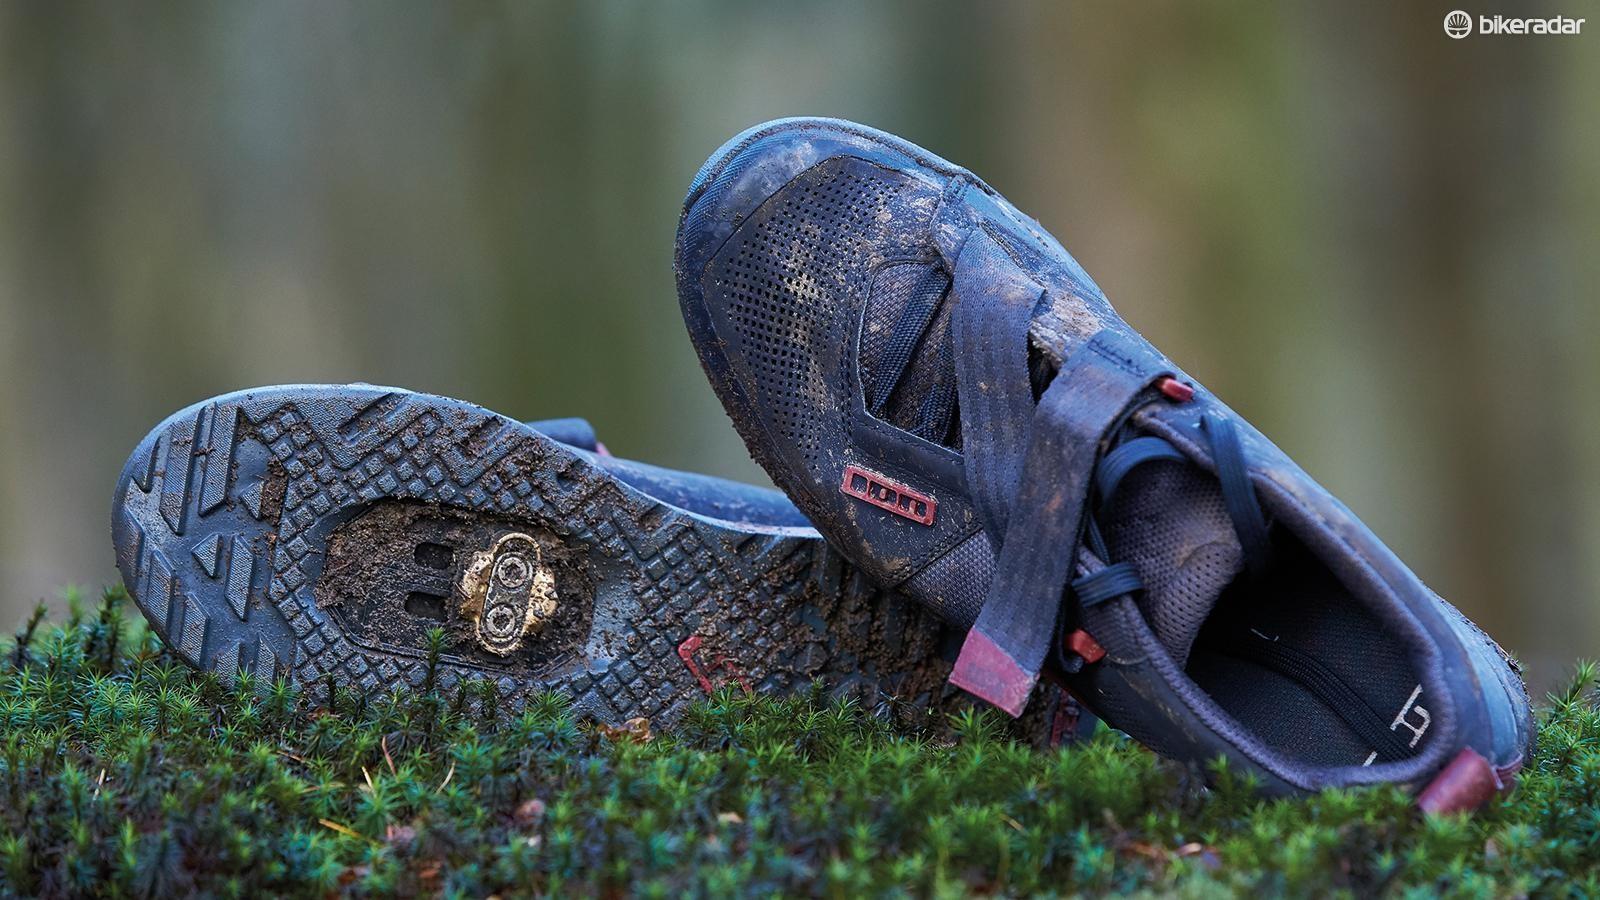 ION's Rascal mountain bike shoes